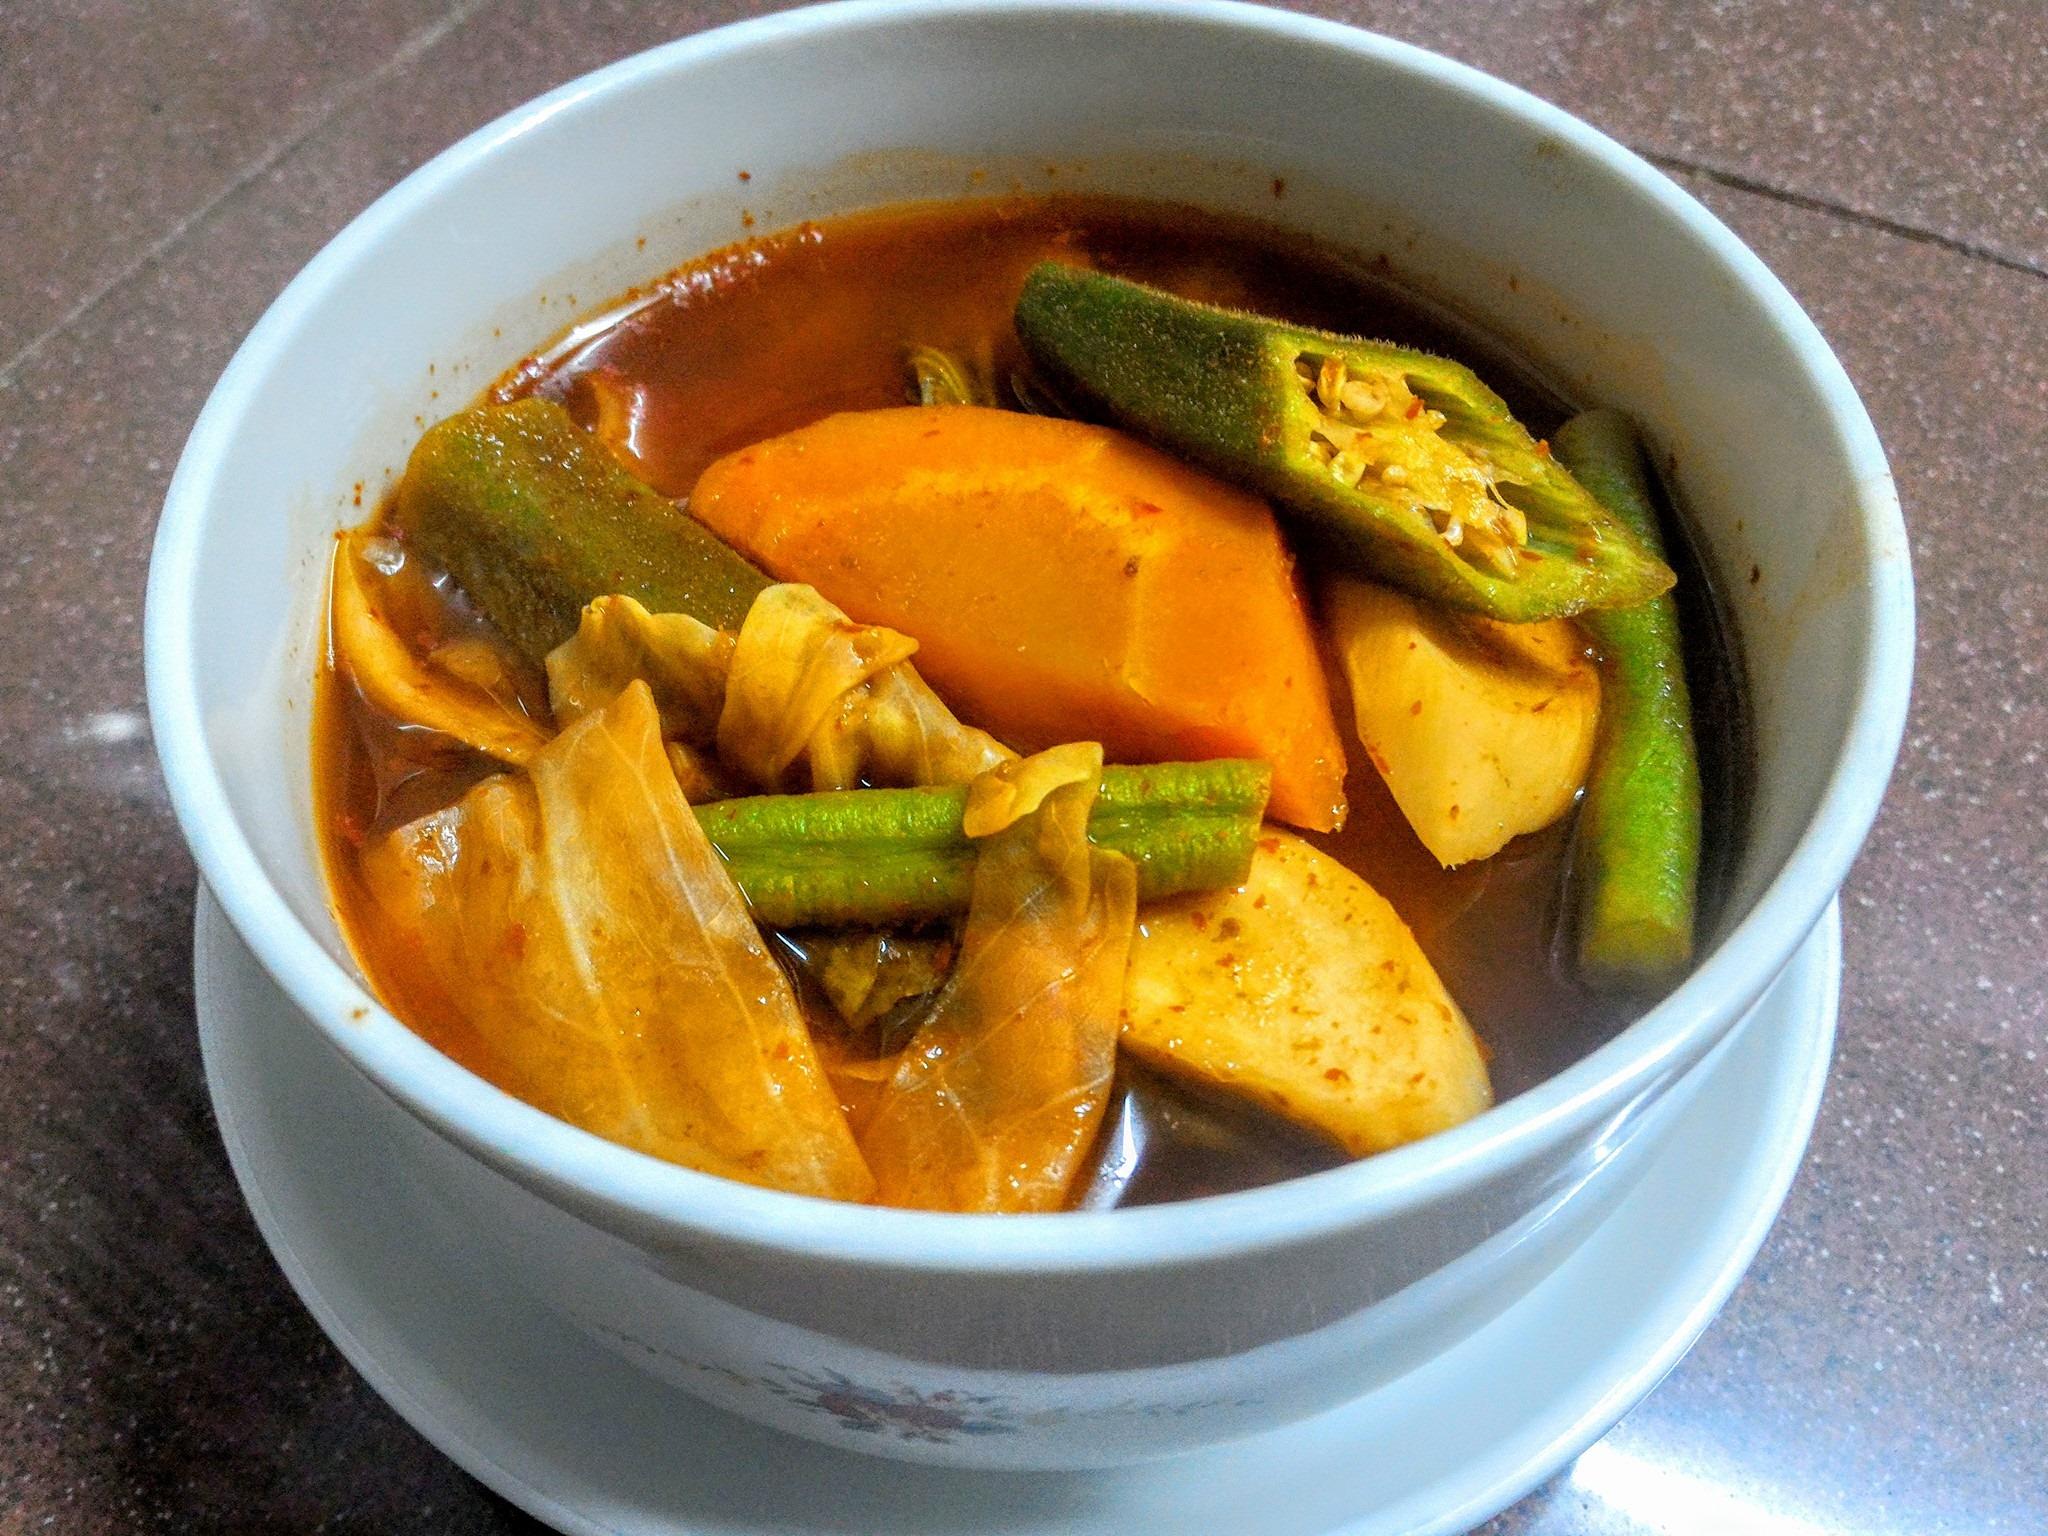 แกงส้มเจผักรวม ใช้น้ำพริกแกงส้มเจ ตราแม่น้อย